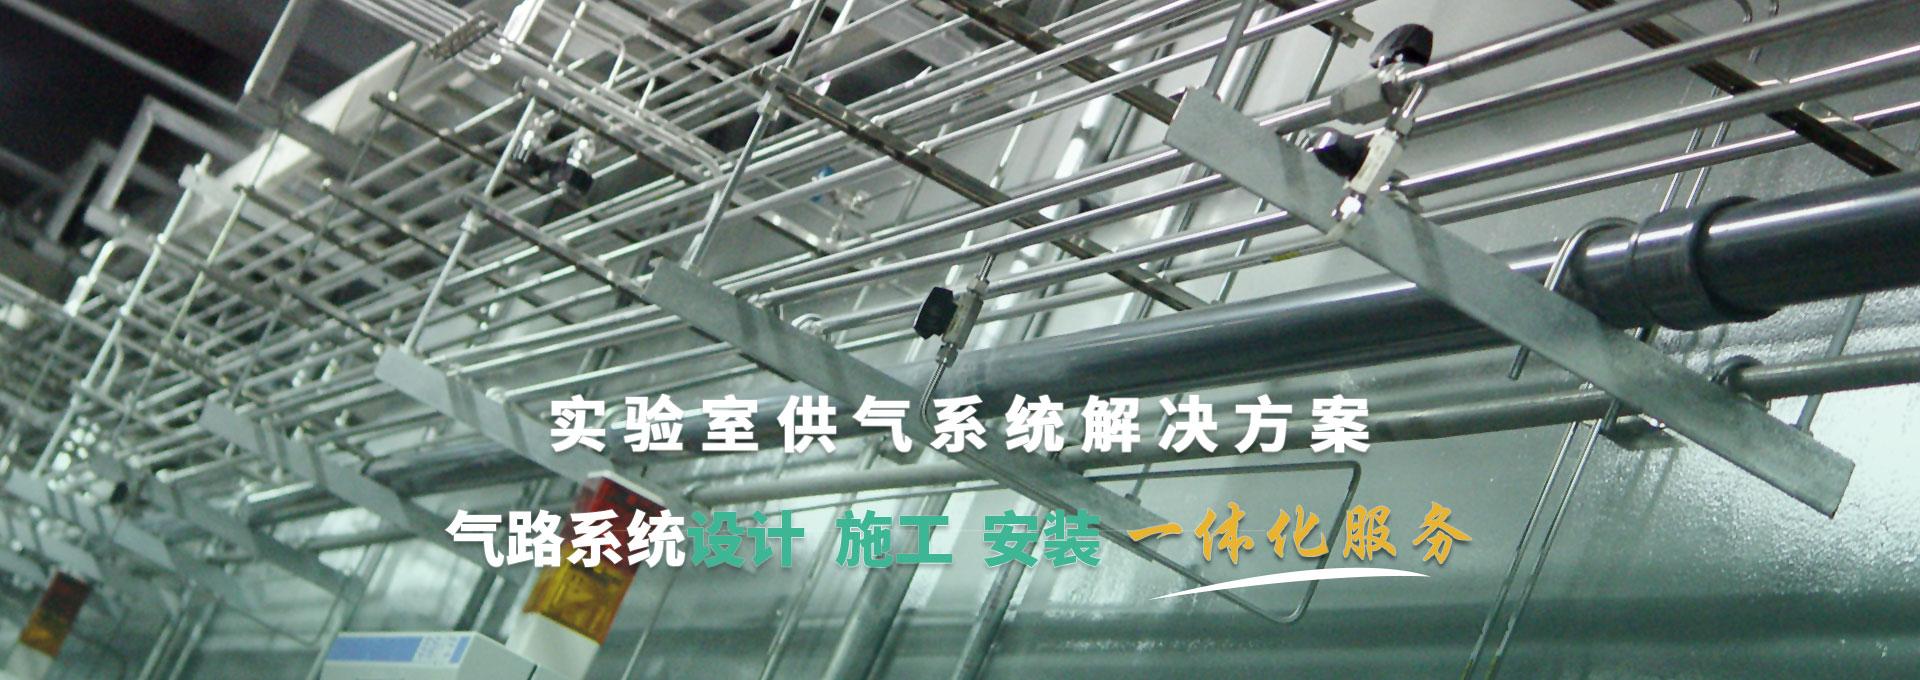 实验室供气系统解决方案 气路系统设计、施工、安装一体化服务